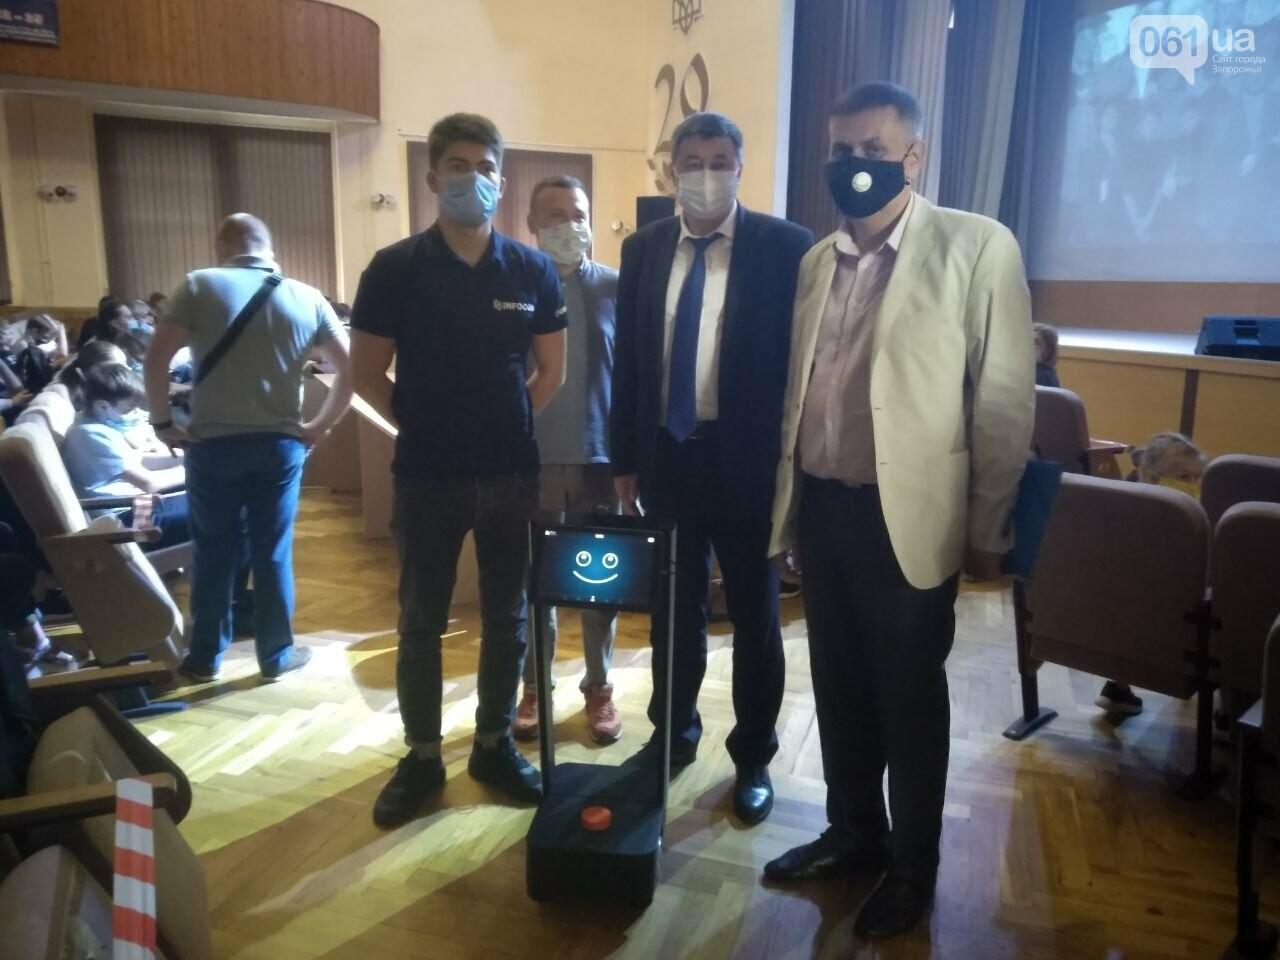 Роботы-официанты, ретро-экспонаты и физические эксперименты: как в Запорожье прошла «Ночь науки», фото-1